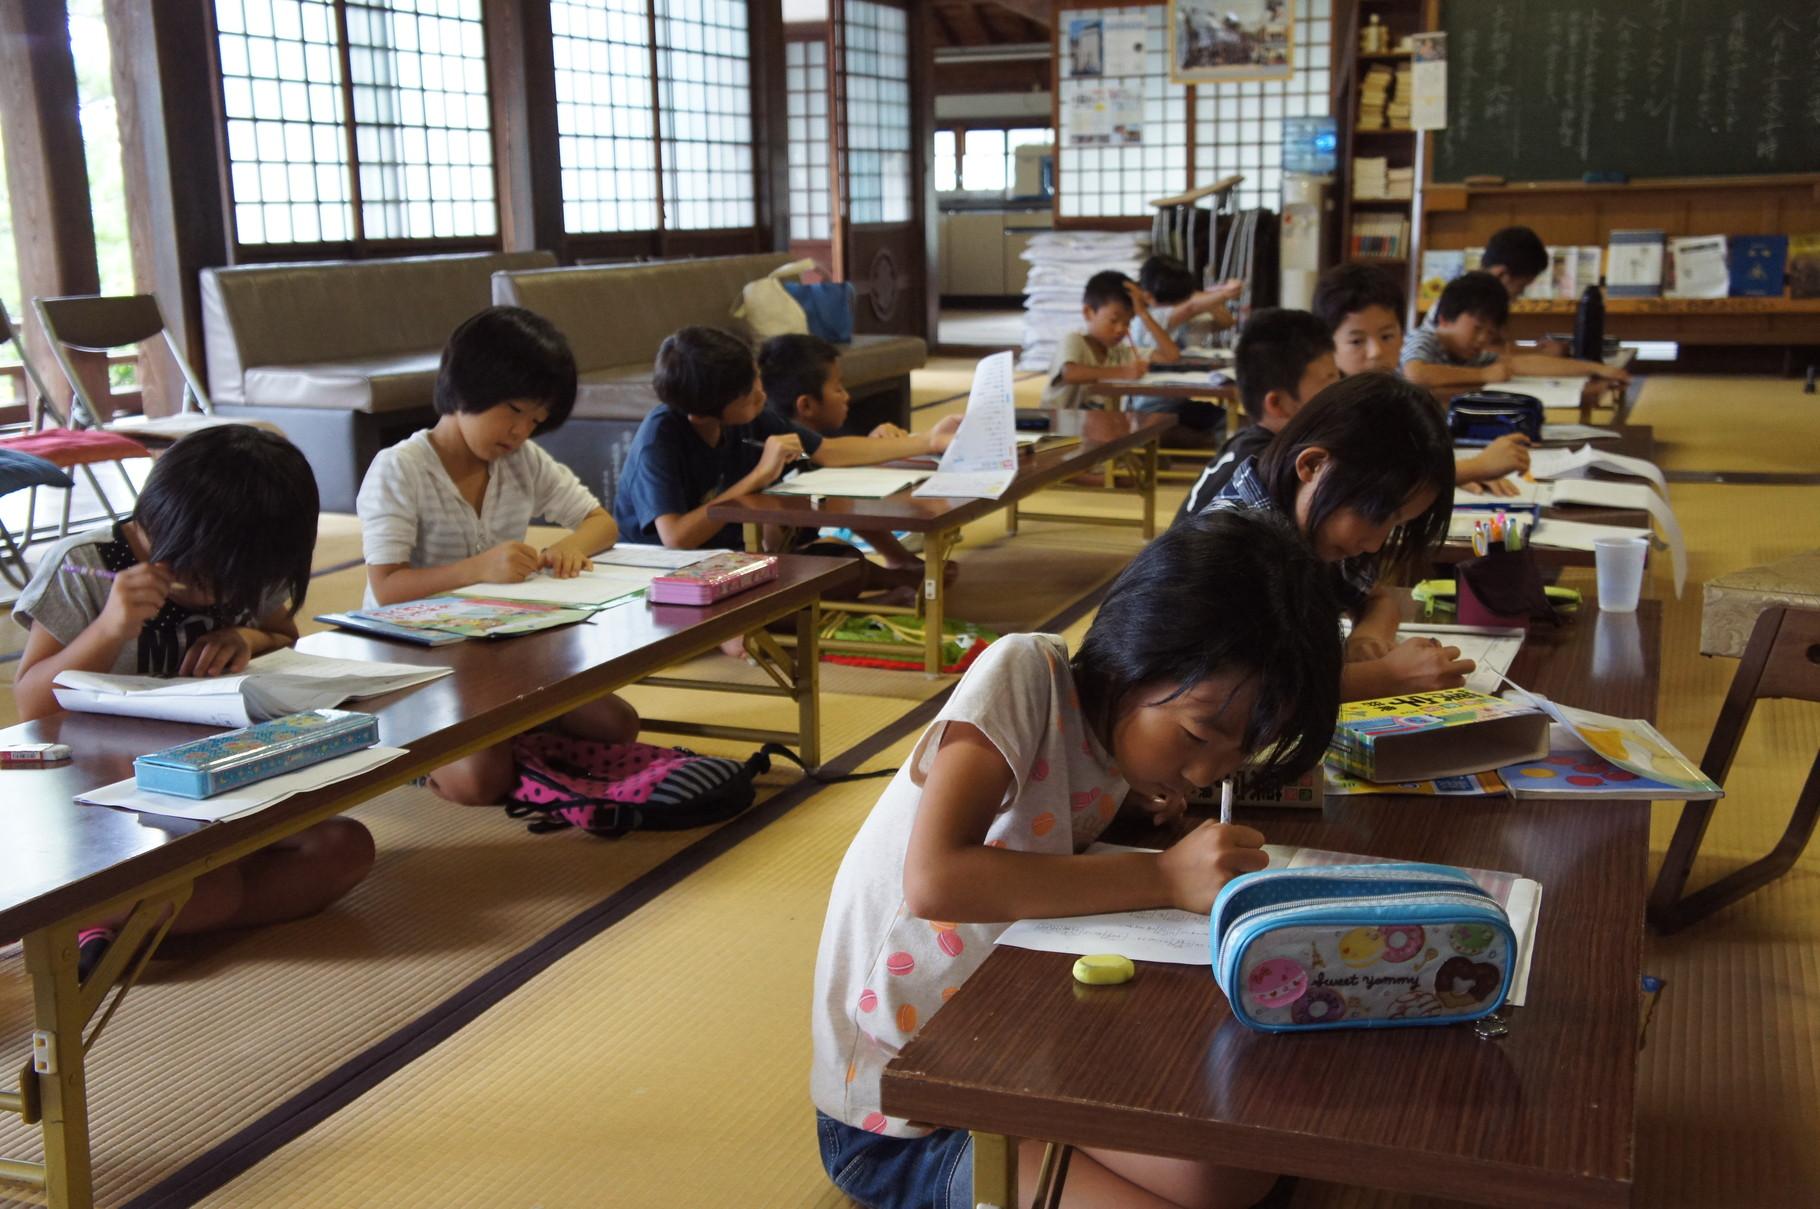 本堂では、みんな集中してお勉強できるようです。夏休みの宿題中。